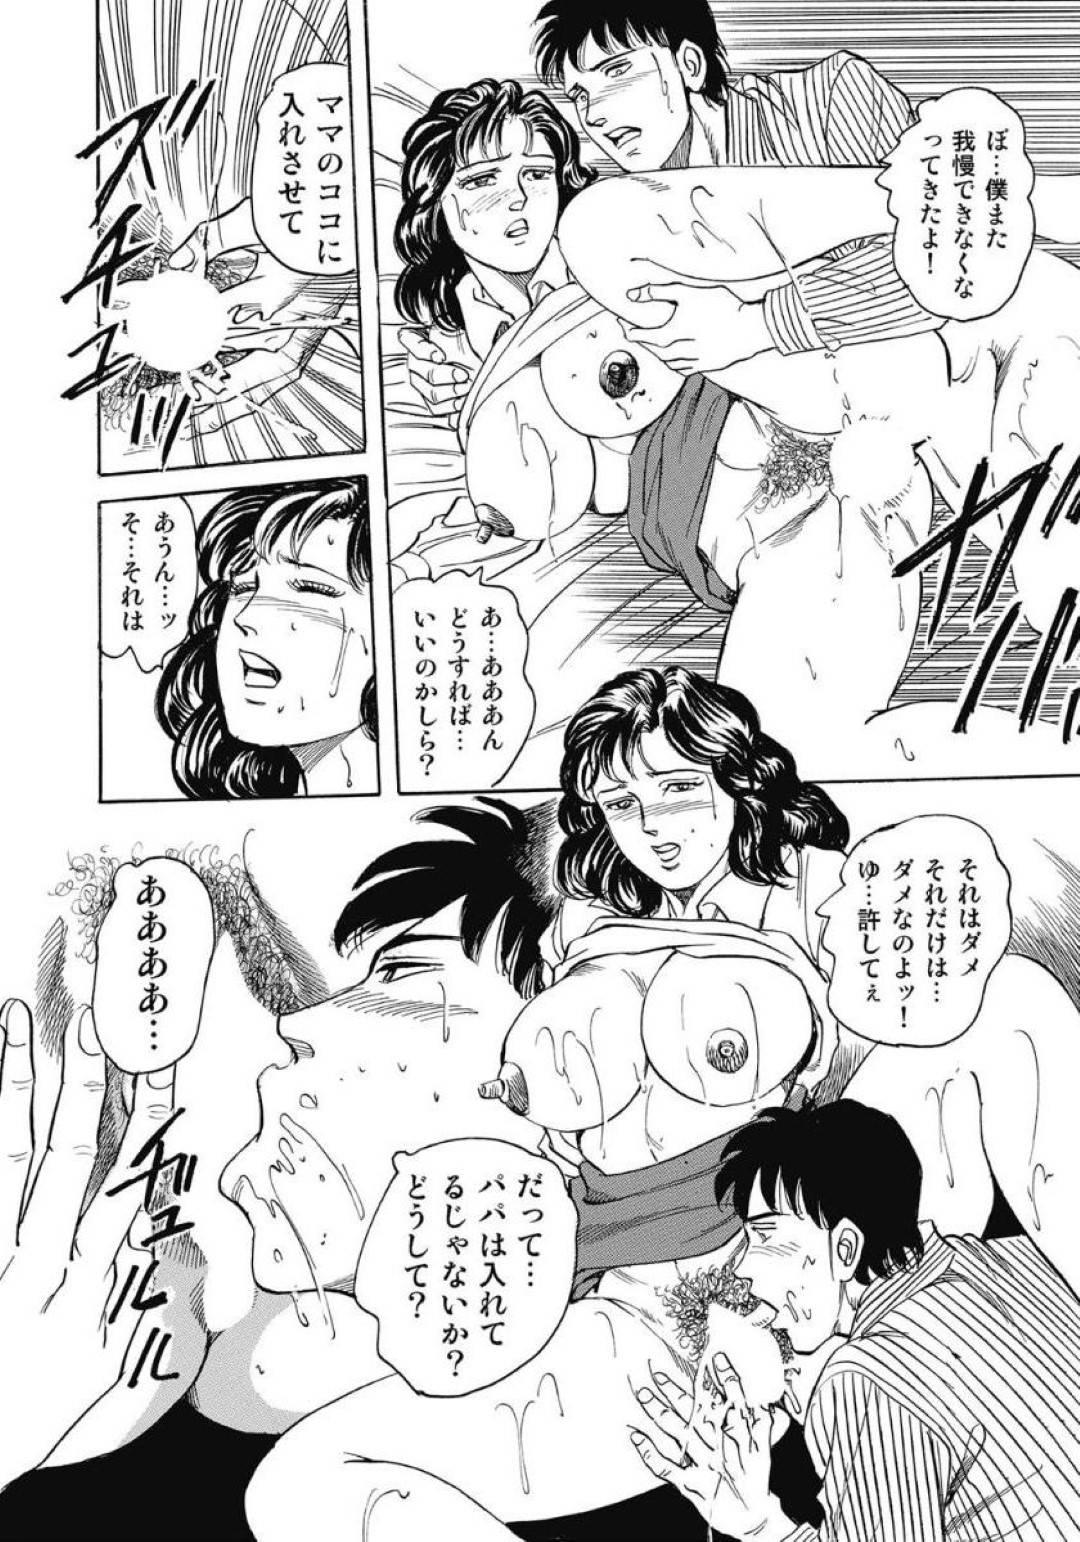 【エロ漫画】成績の悪い息子を元気づけるために襲っちゃうエッチな母親…フェラしたりクンニされちゃってバックの中出しセックスで近親相姦しちゃう!【みずしま聖:熟女尻いけない中出し…】